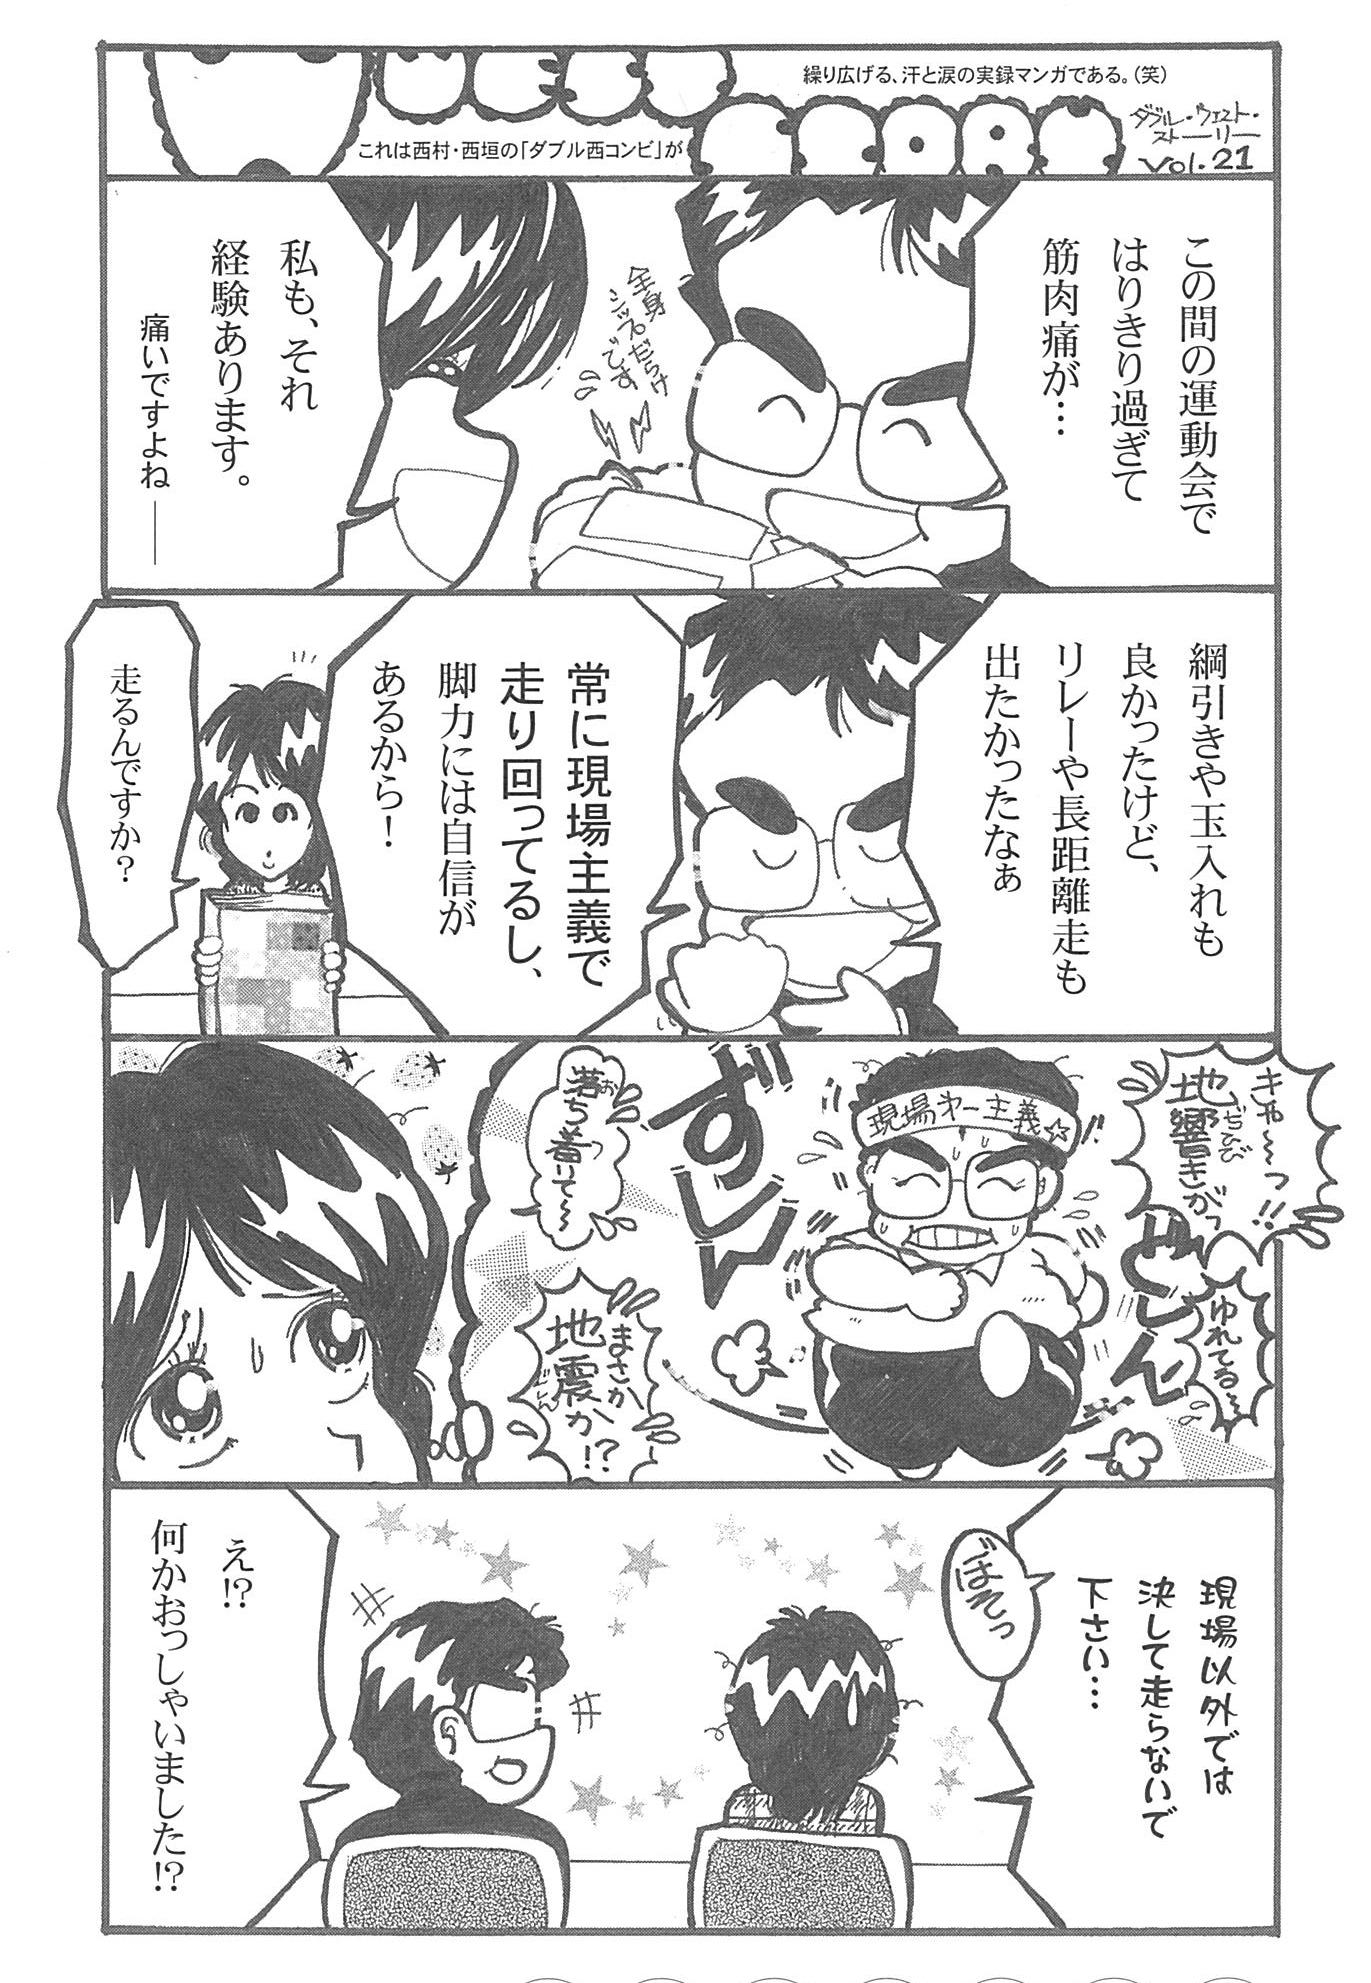 jitsuroku_vol21.jpg